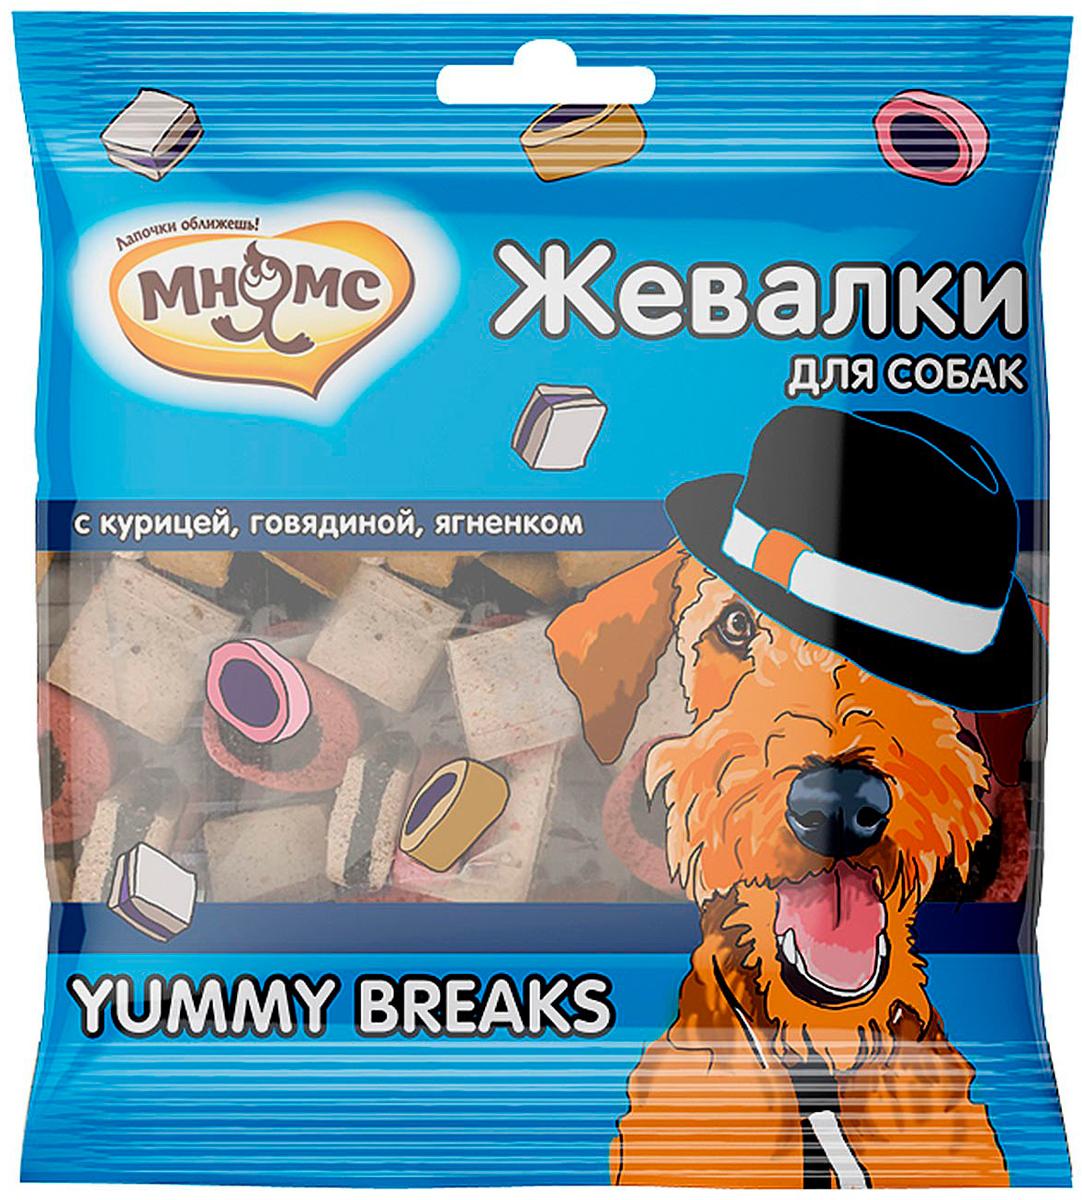 Лакомство мнямс жевалки Yummy Breaks для собак с курицей, говядиной и ягненком (150 гр)